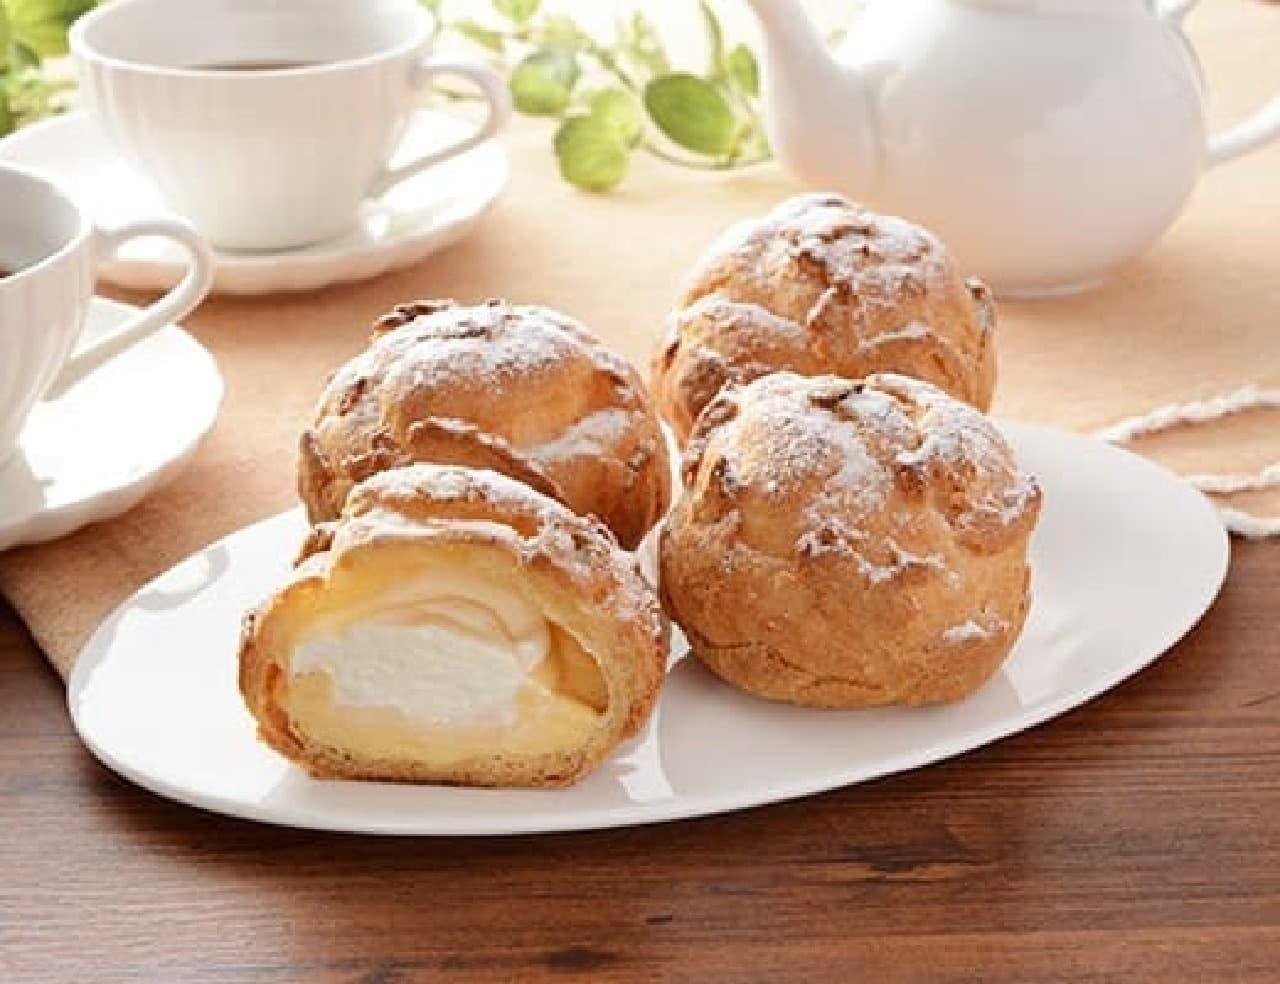 ローソン「香ばしいパイ仕立てのパイシュー(4個入り)」